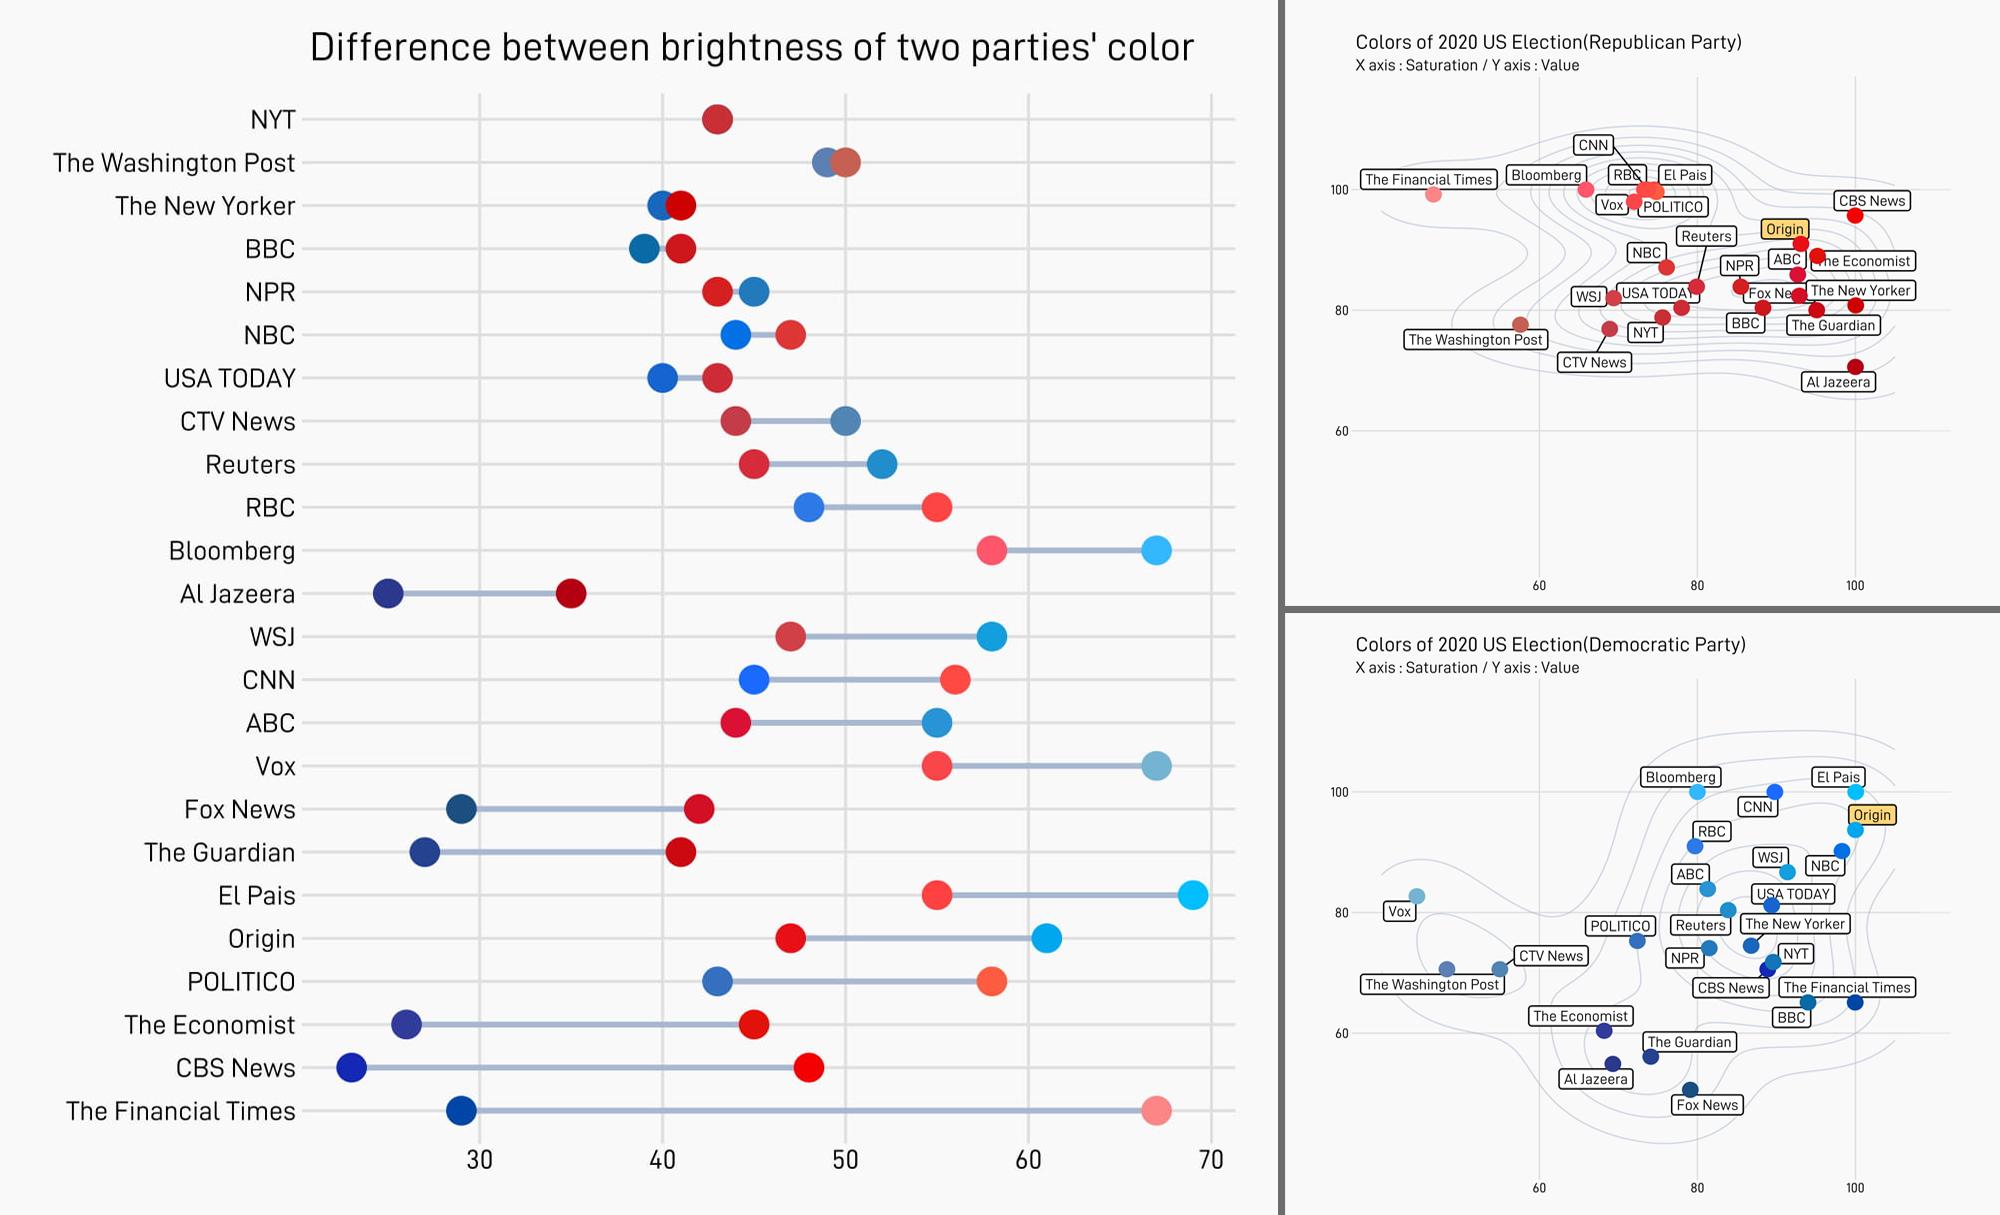 美国选举地图在不同媒体上的颜色